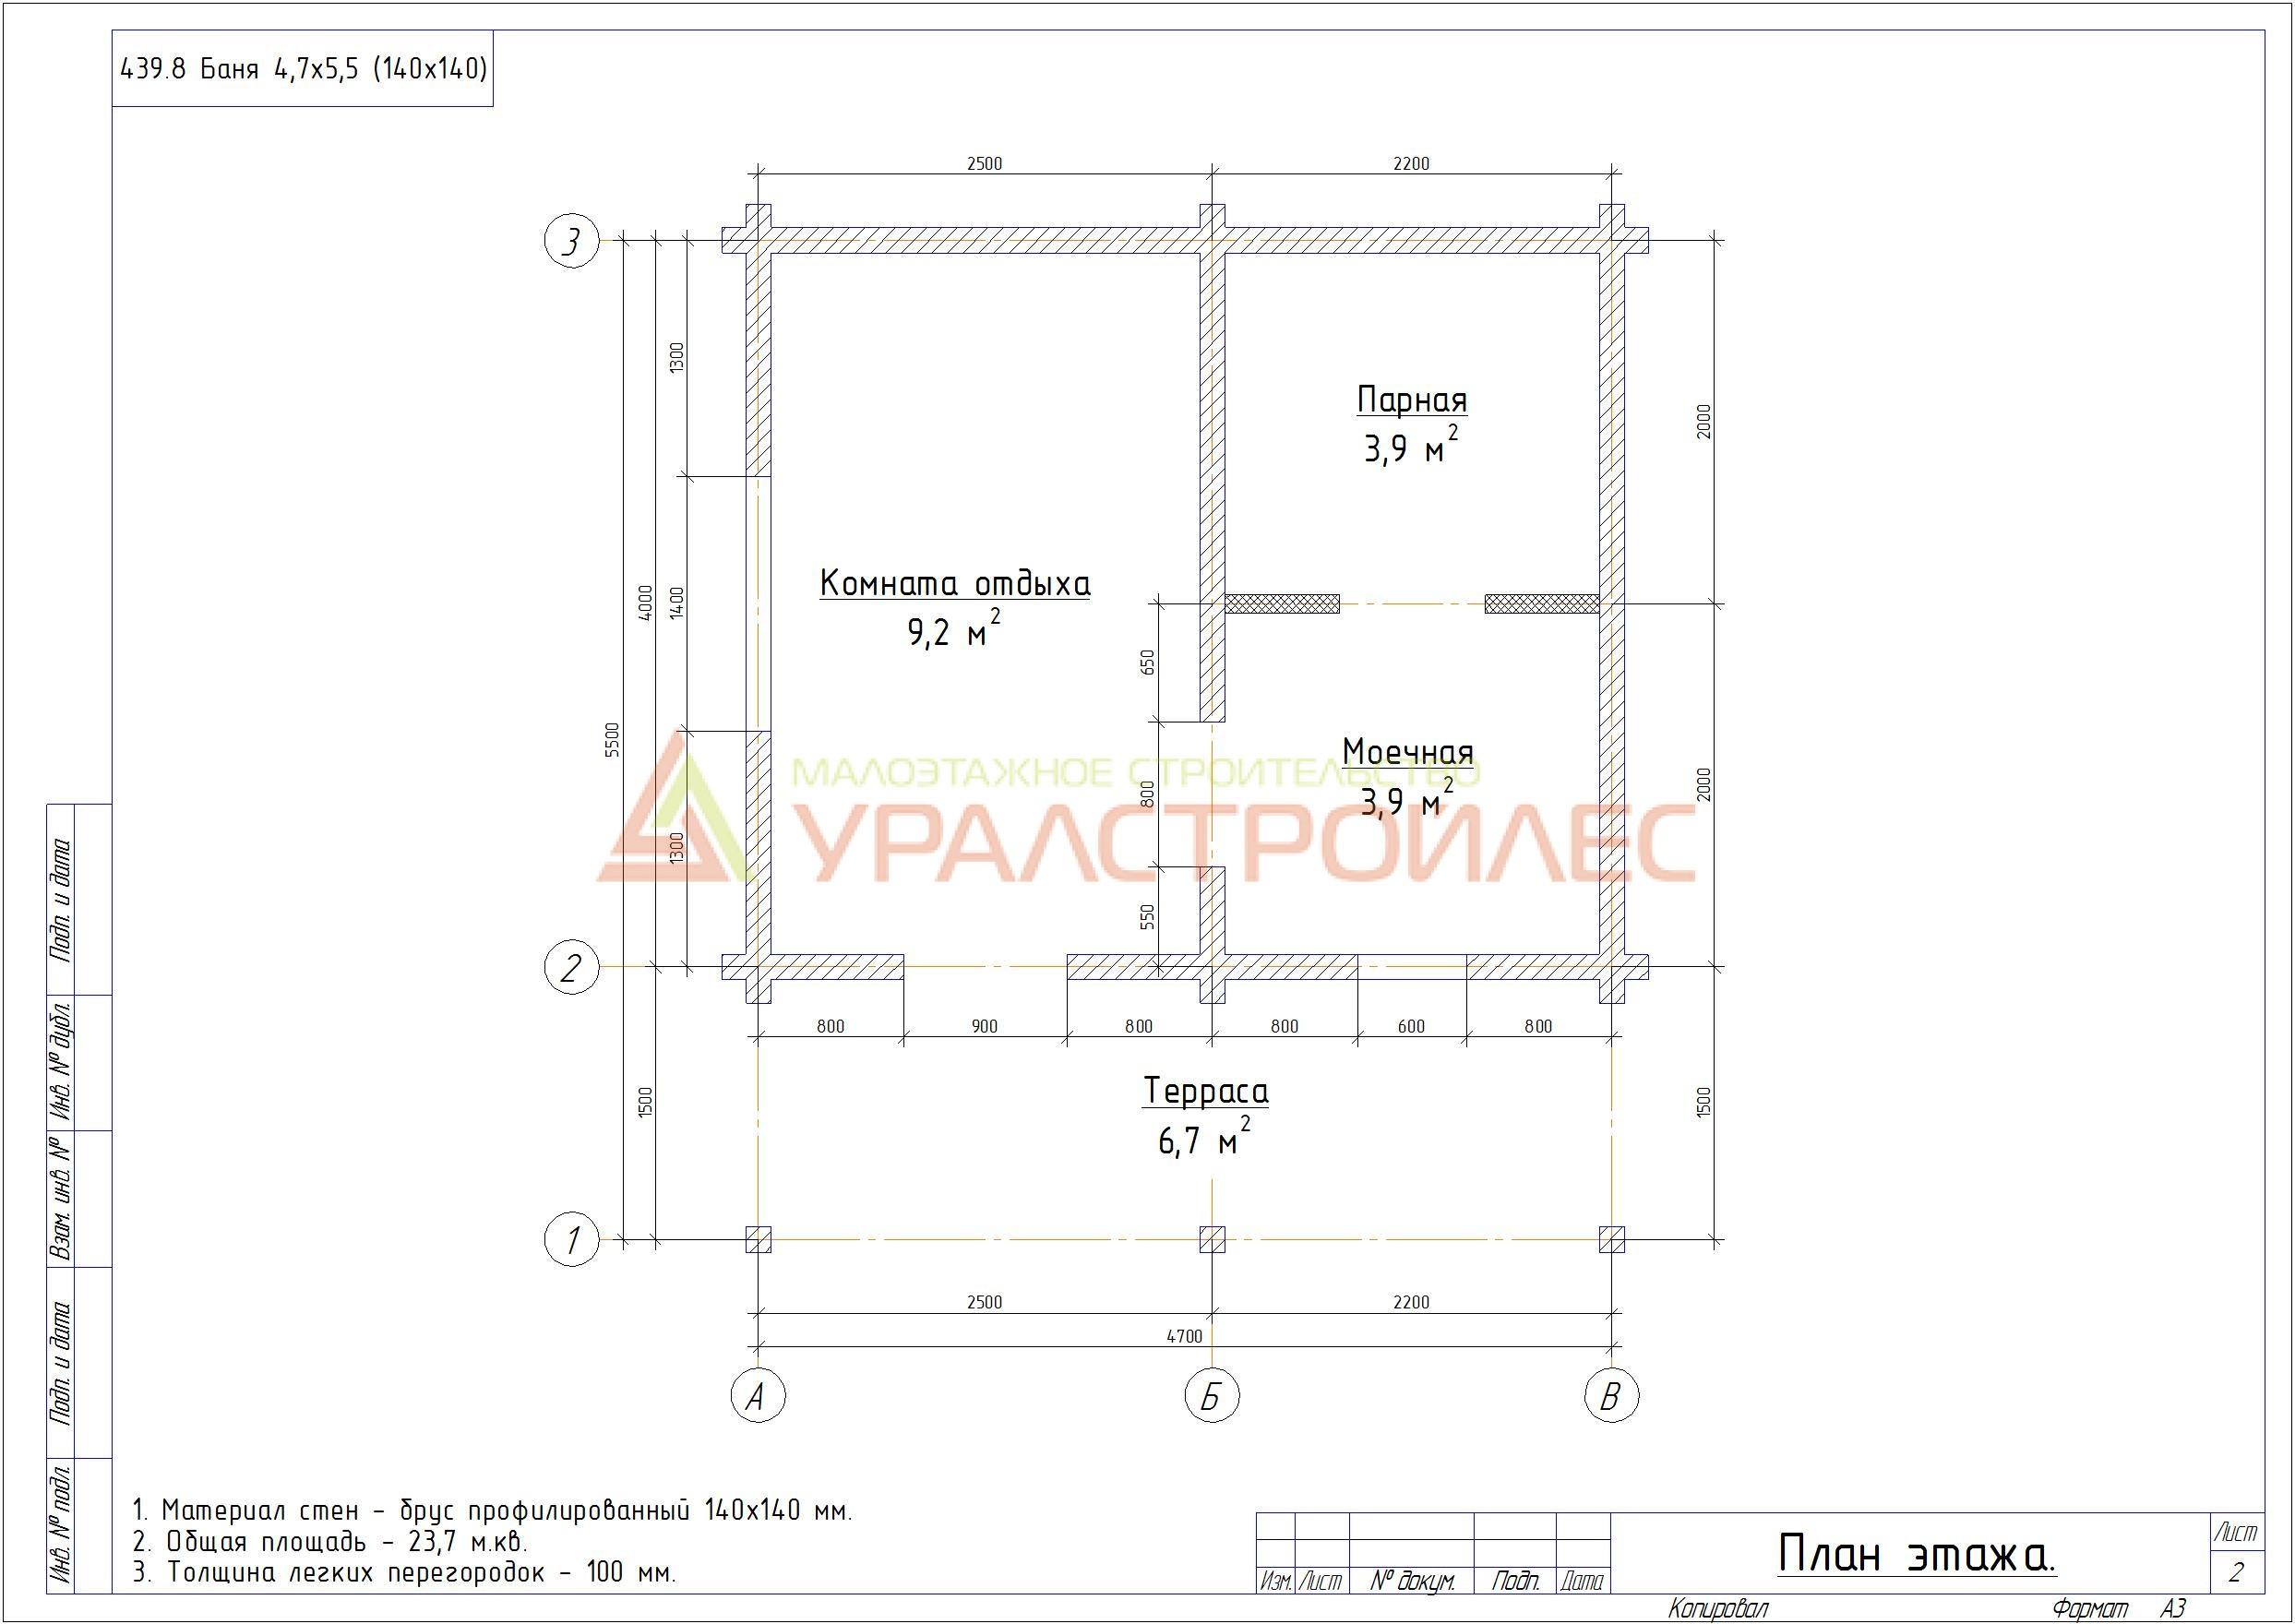 Проект № 439.8 г. Тюмень  КП. Озеро Большое, Салаирский тракт.